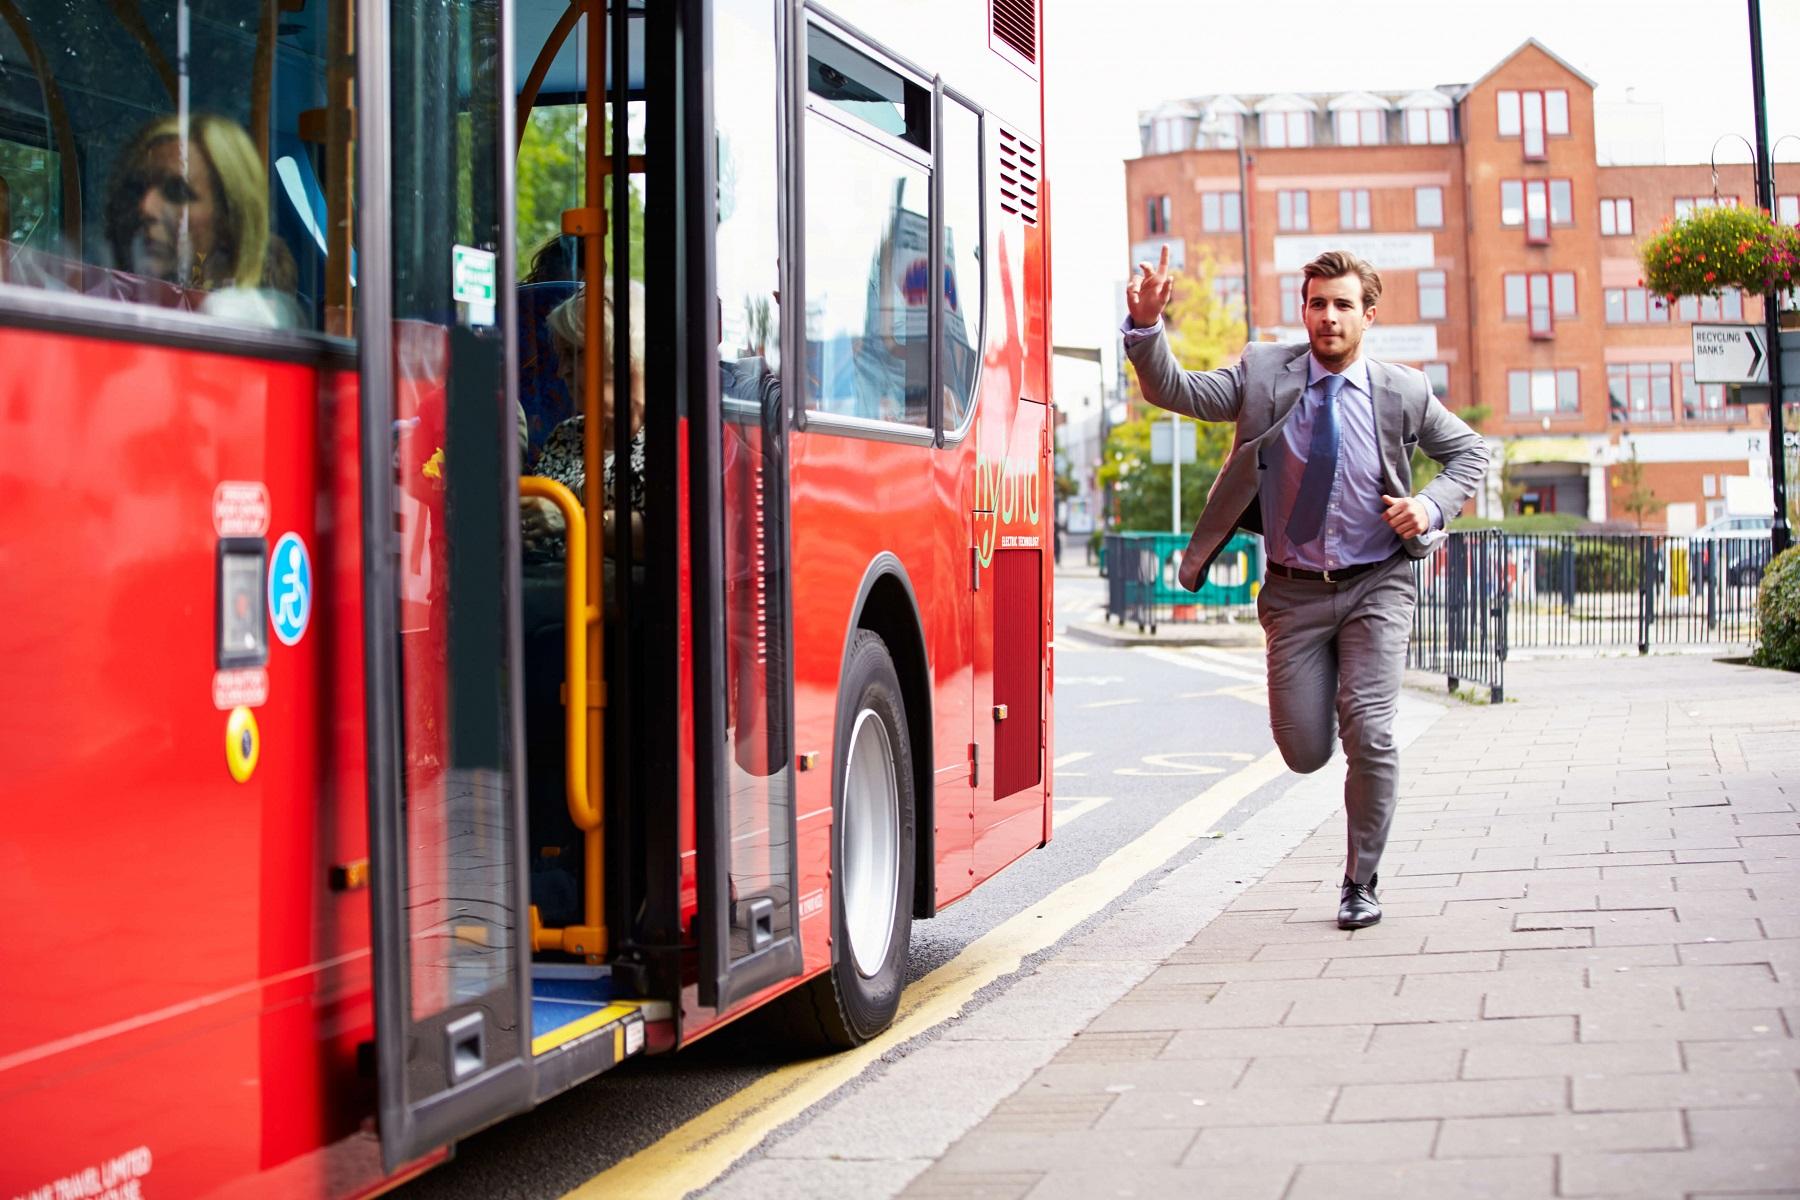 Stylizacja do pracy dla spóźnialskich, czyli jak się ubrać w 2 minuty?